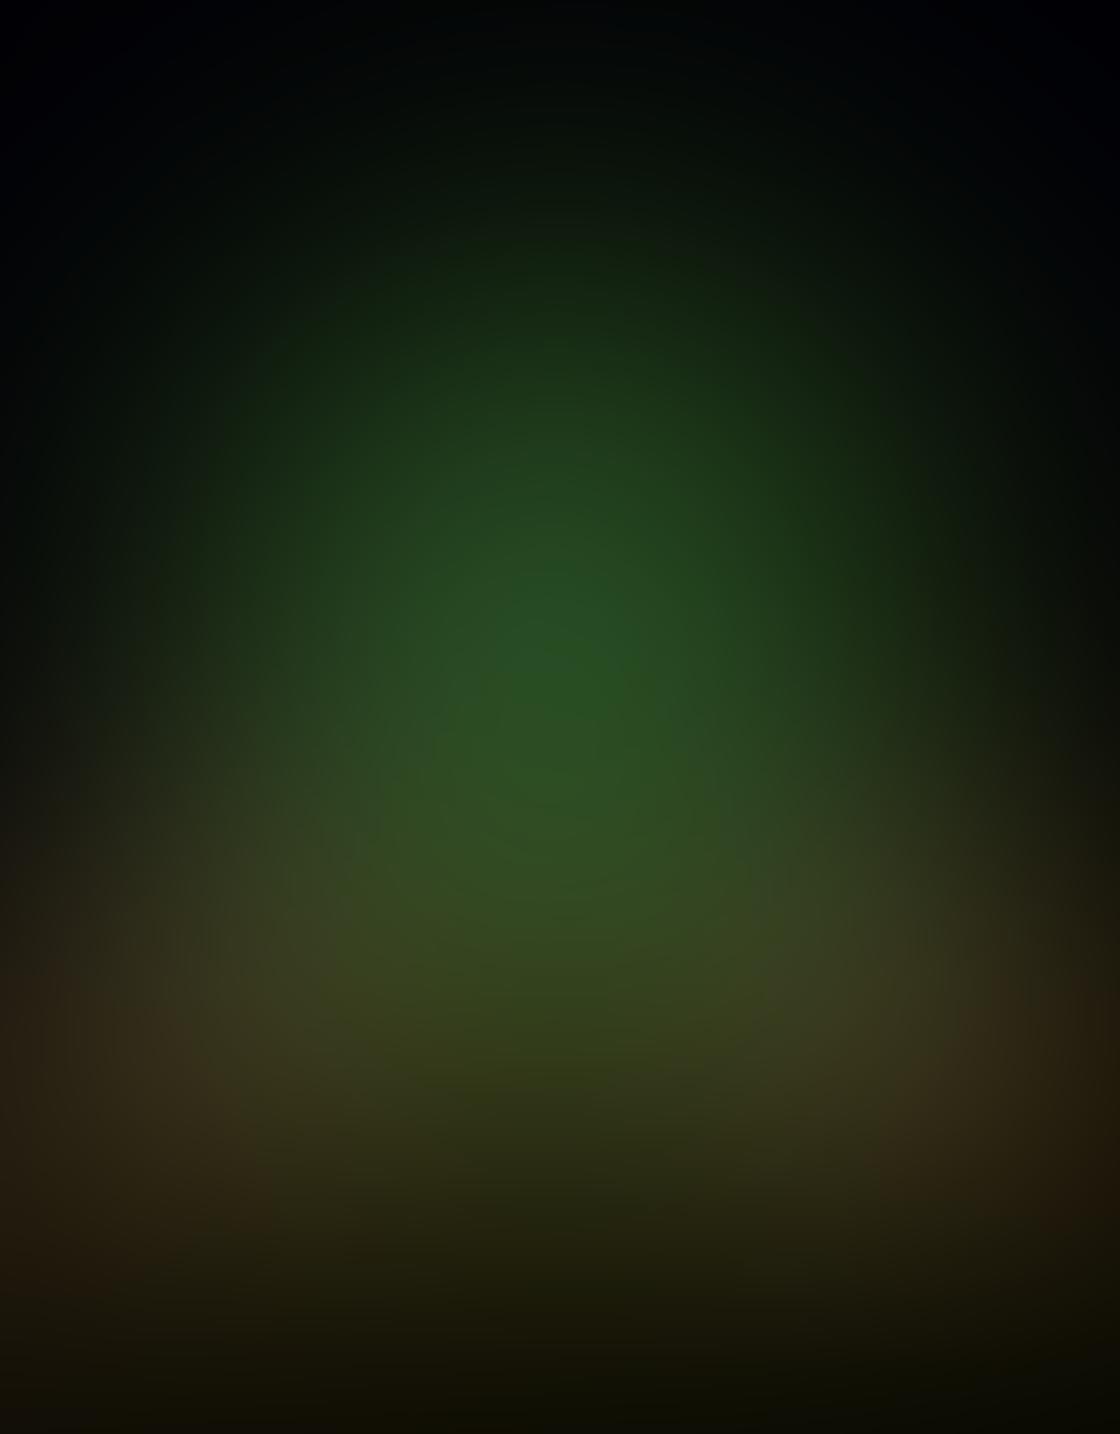 iPhone Photos Low Light 15